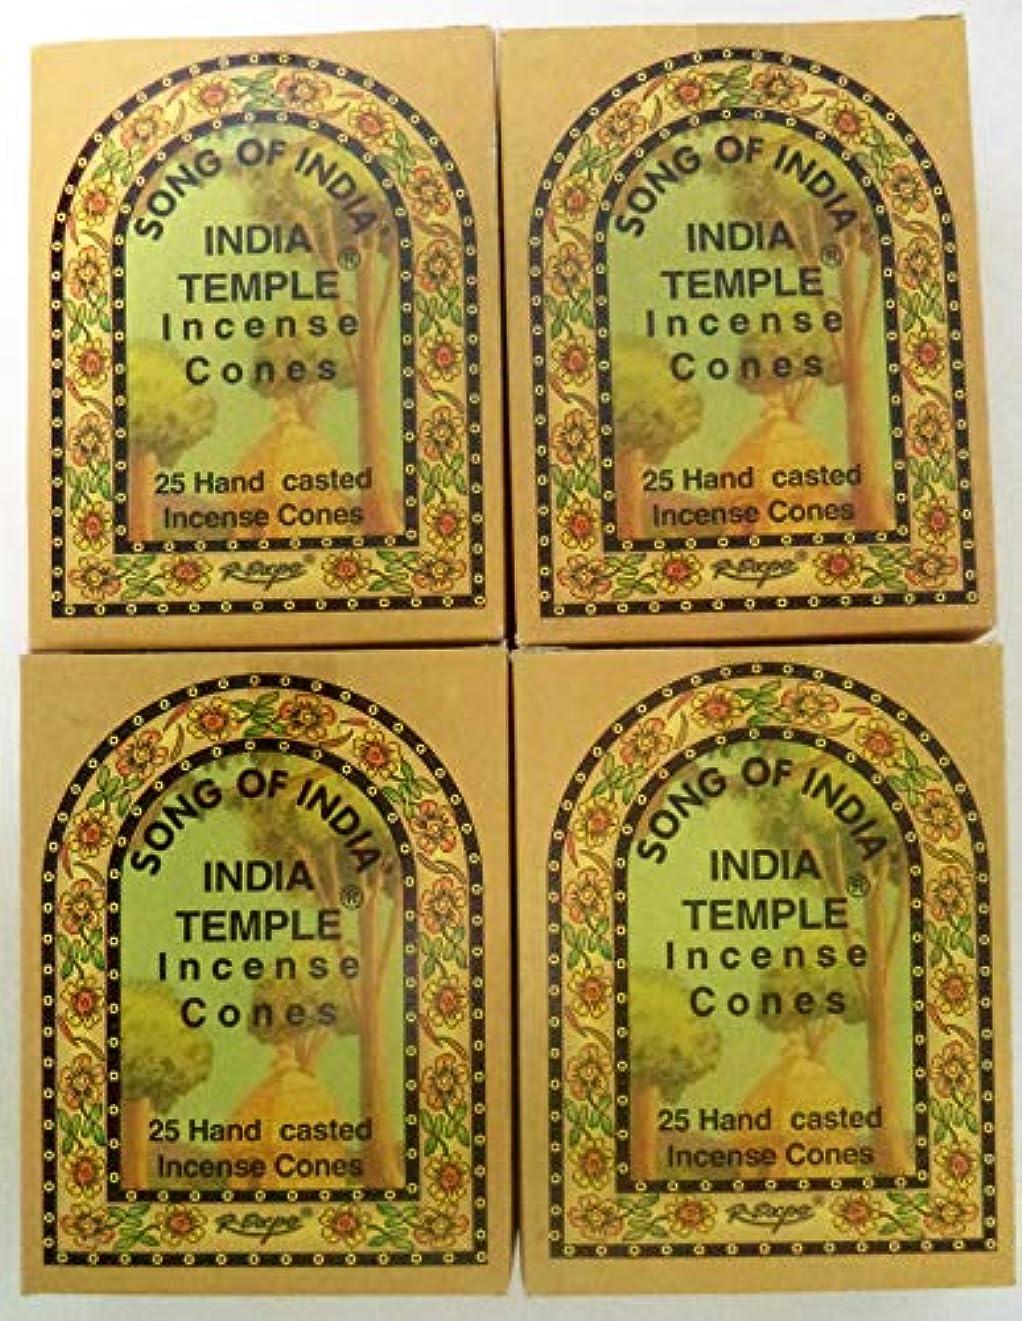 シンプルな手配するキラウエア山Song of India Templeコーンお香、4 x 25円錐パック、100 Cones合計